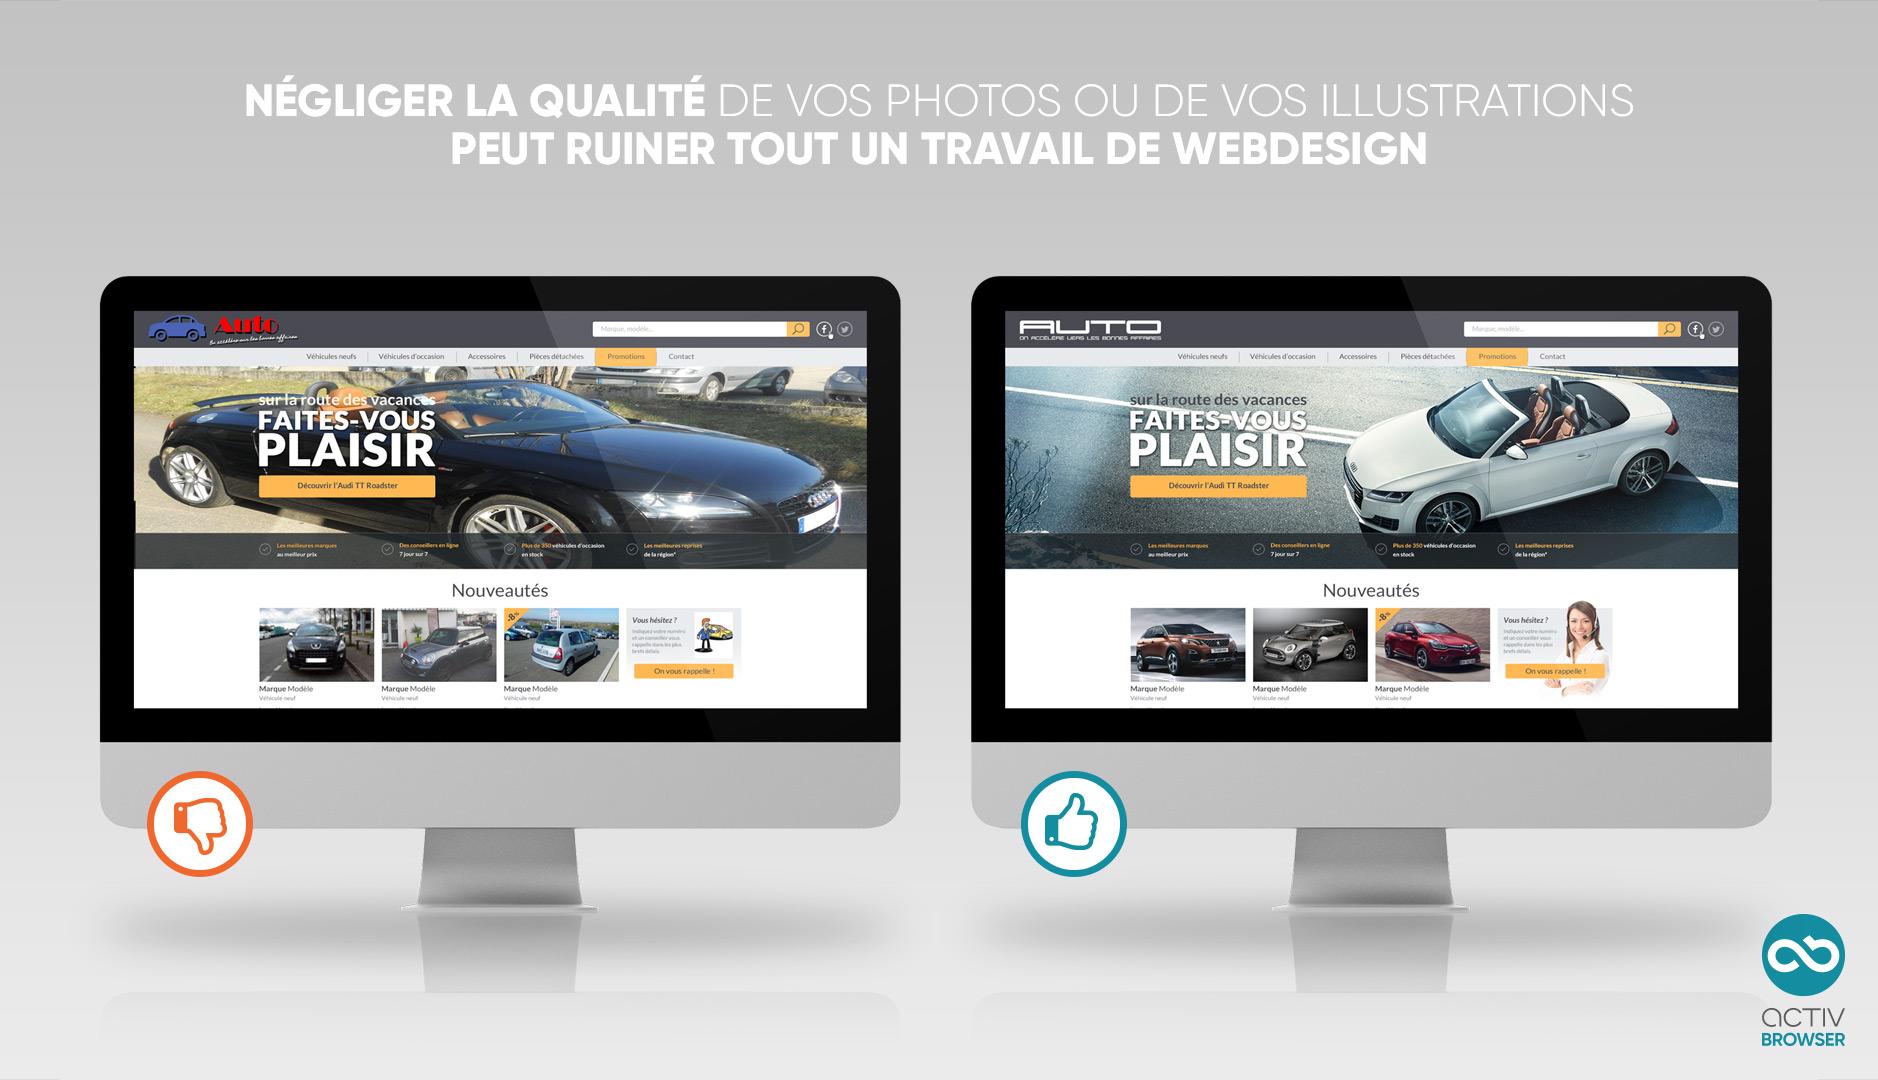 De bonnes ou de mauvaises photos, ça change tout en webdesign !